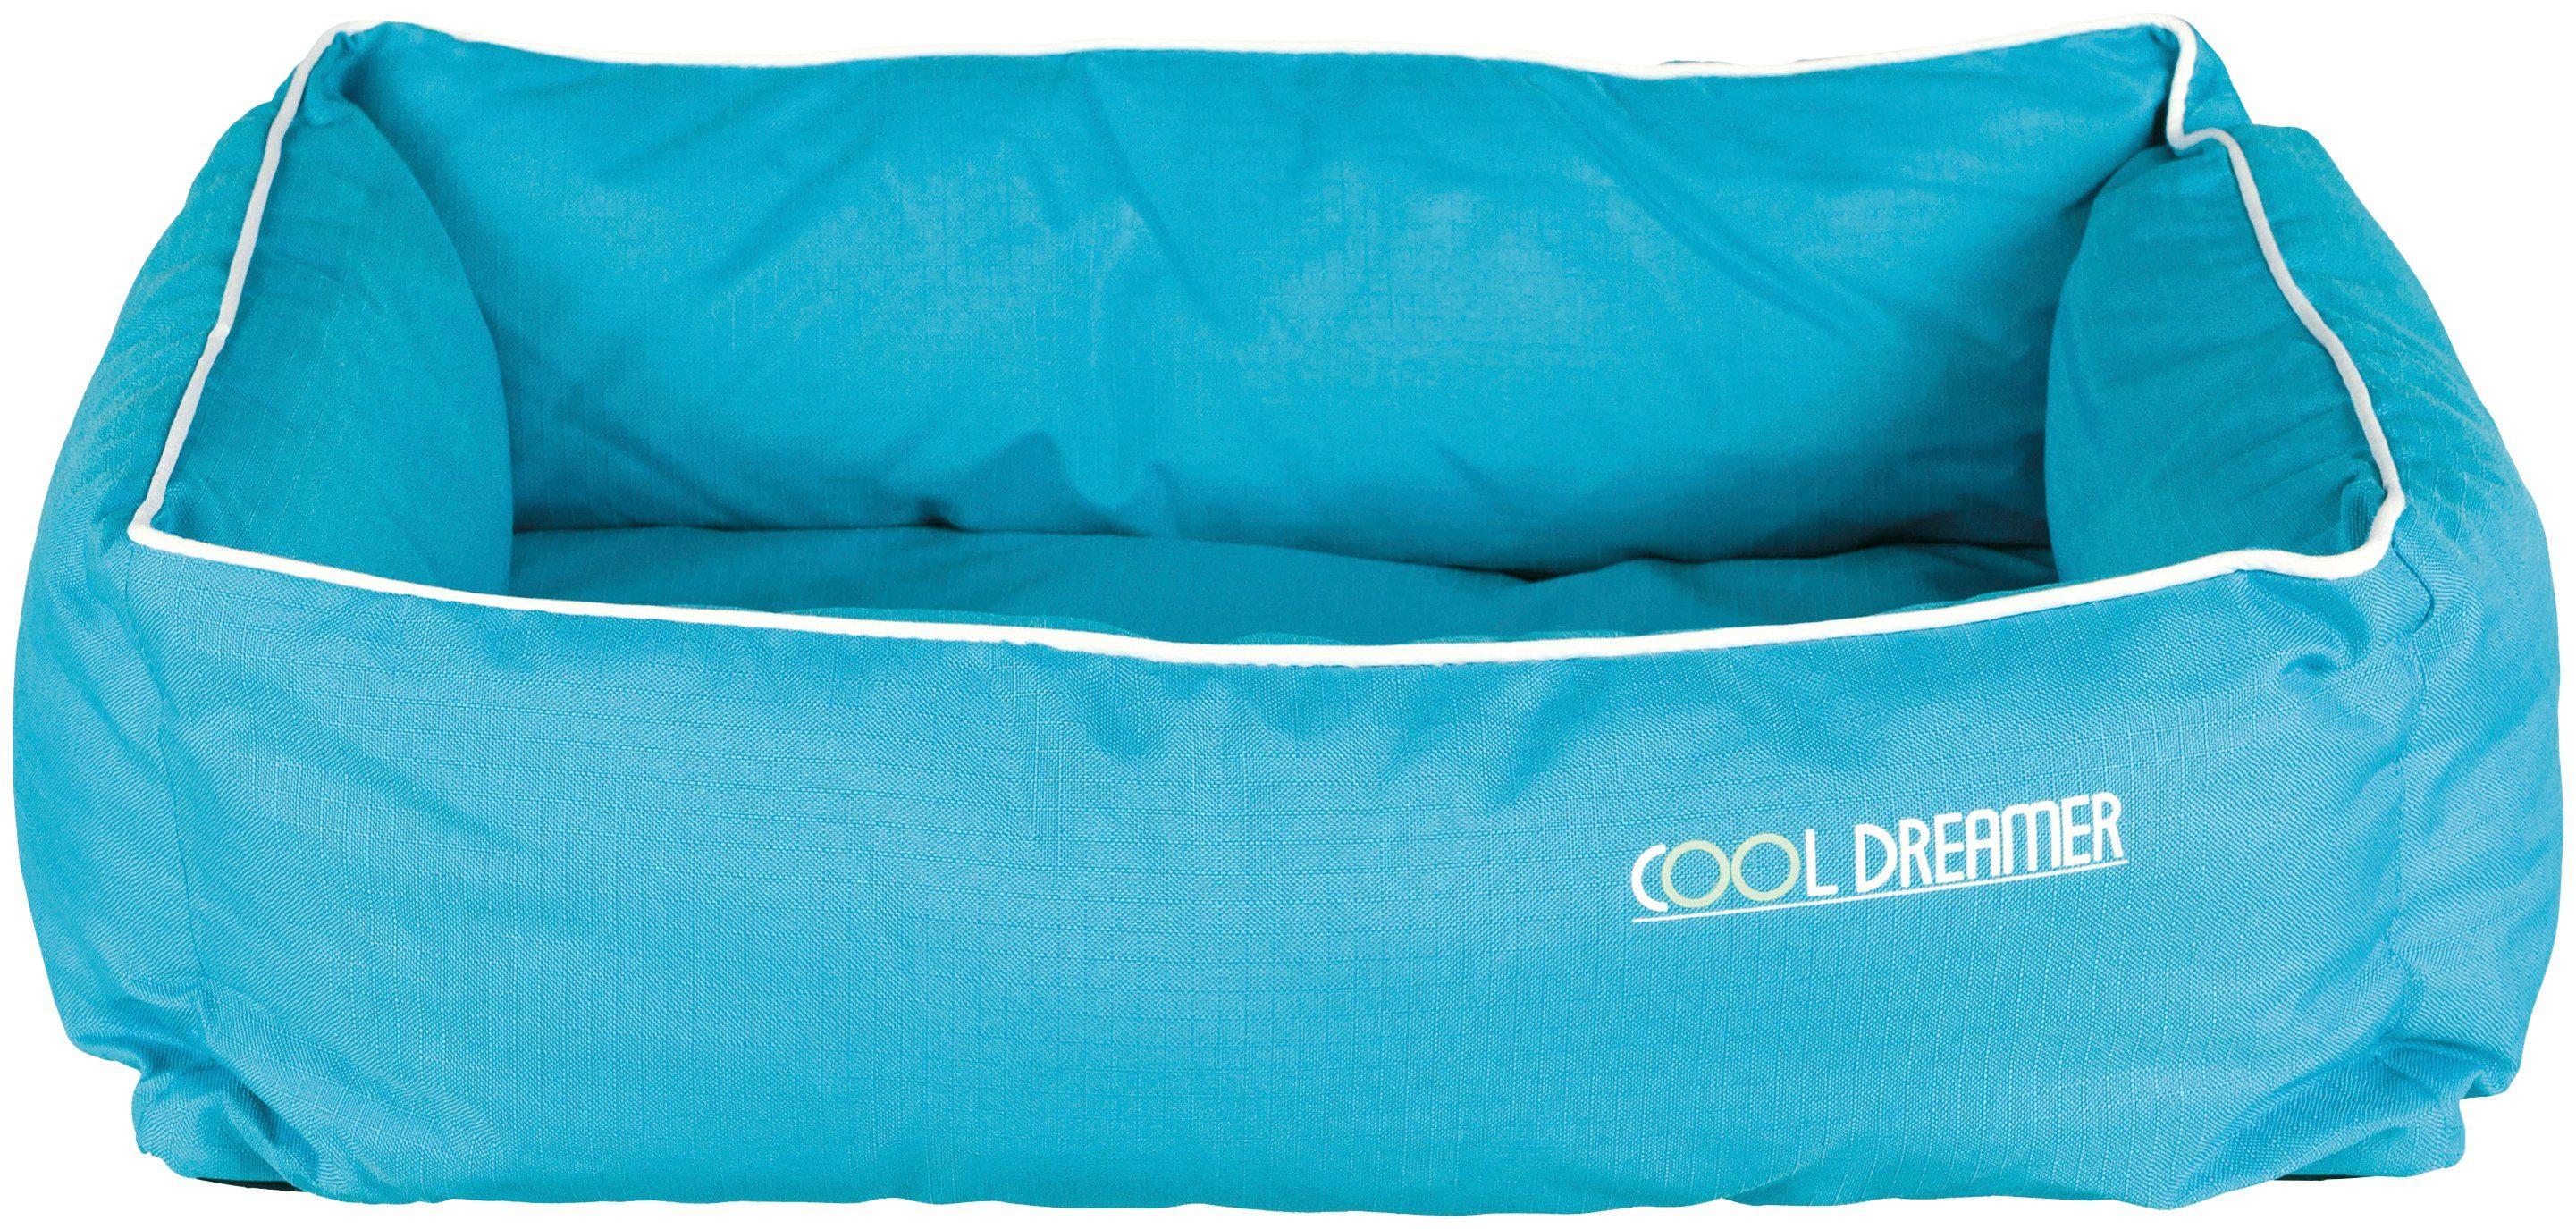 TRIXIE Hundebett »Cool Dreamer«, BxL: 65x50 cm, zum kühlen